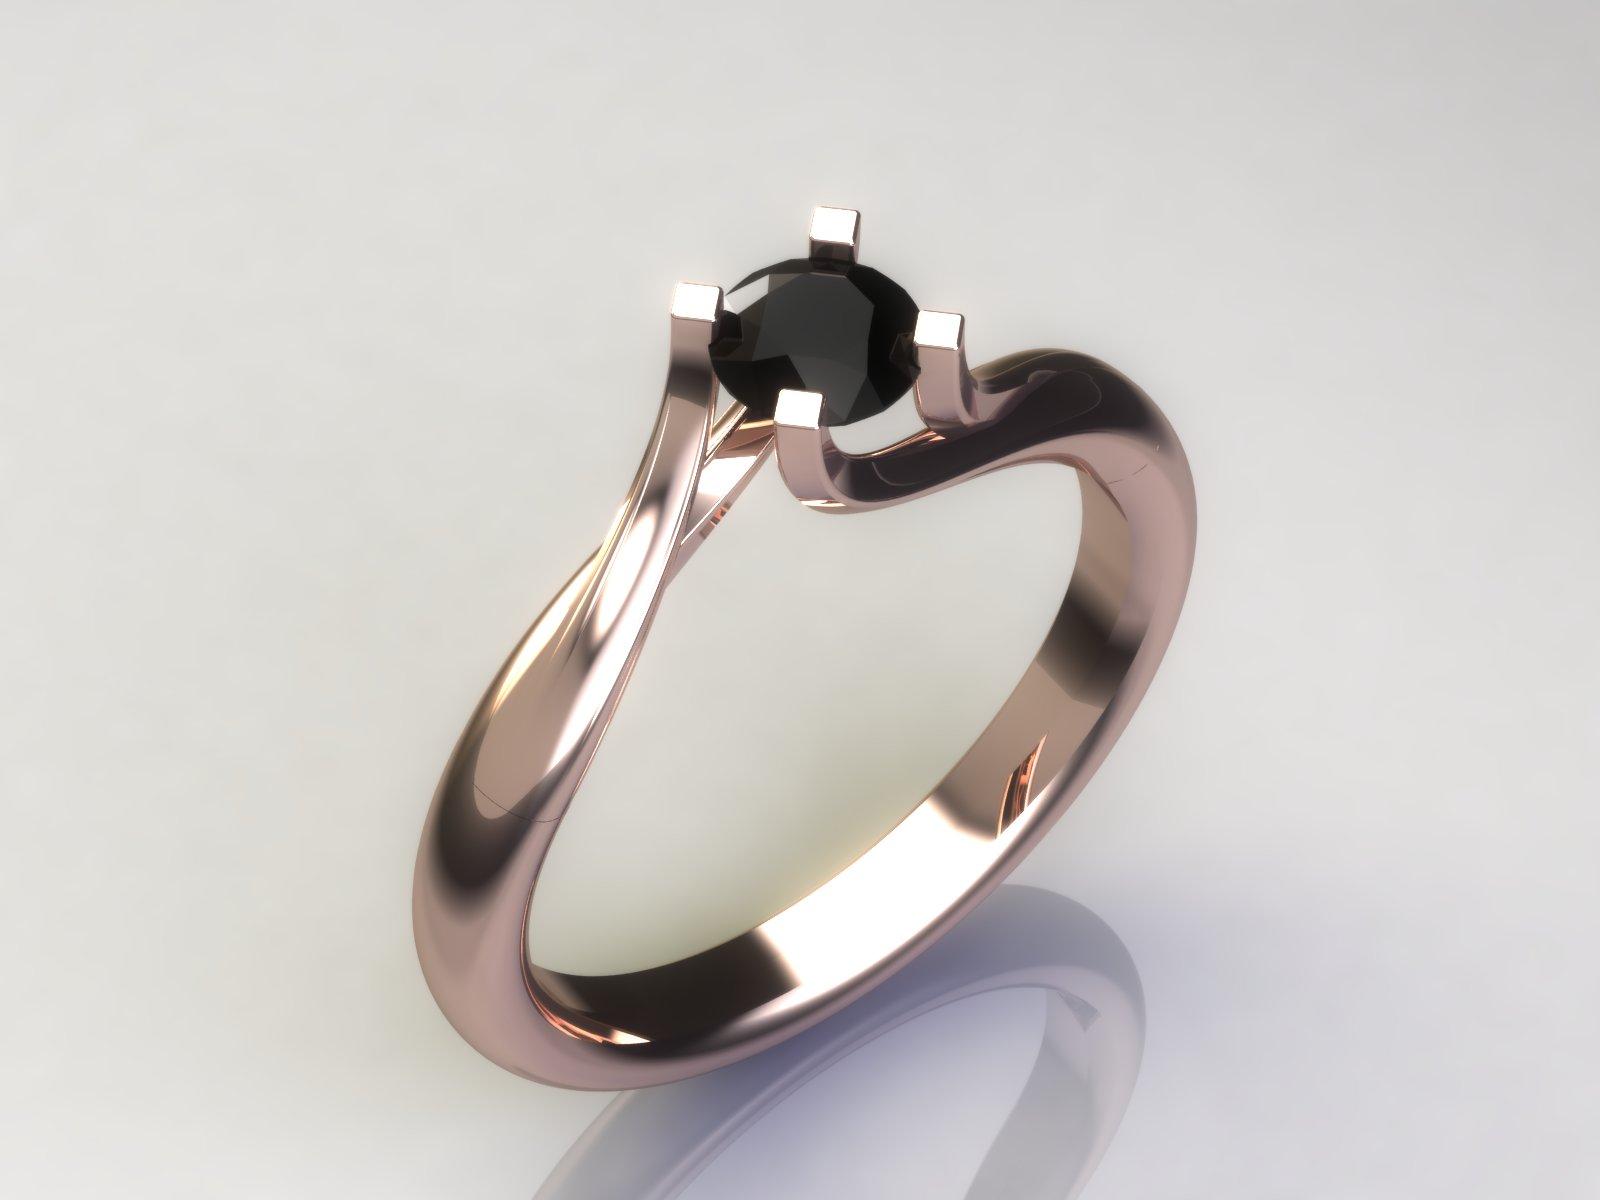 Μονόπετρο και σχεδιασμός κοσμήματος  2015 4bad200e029